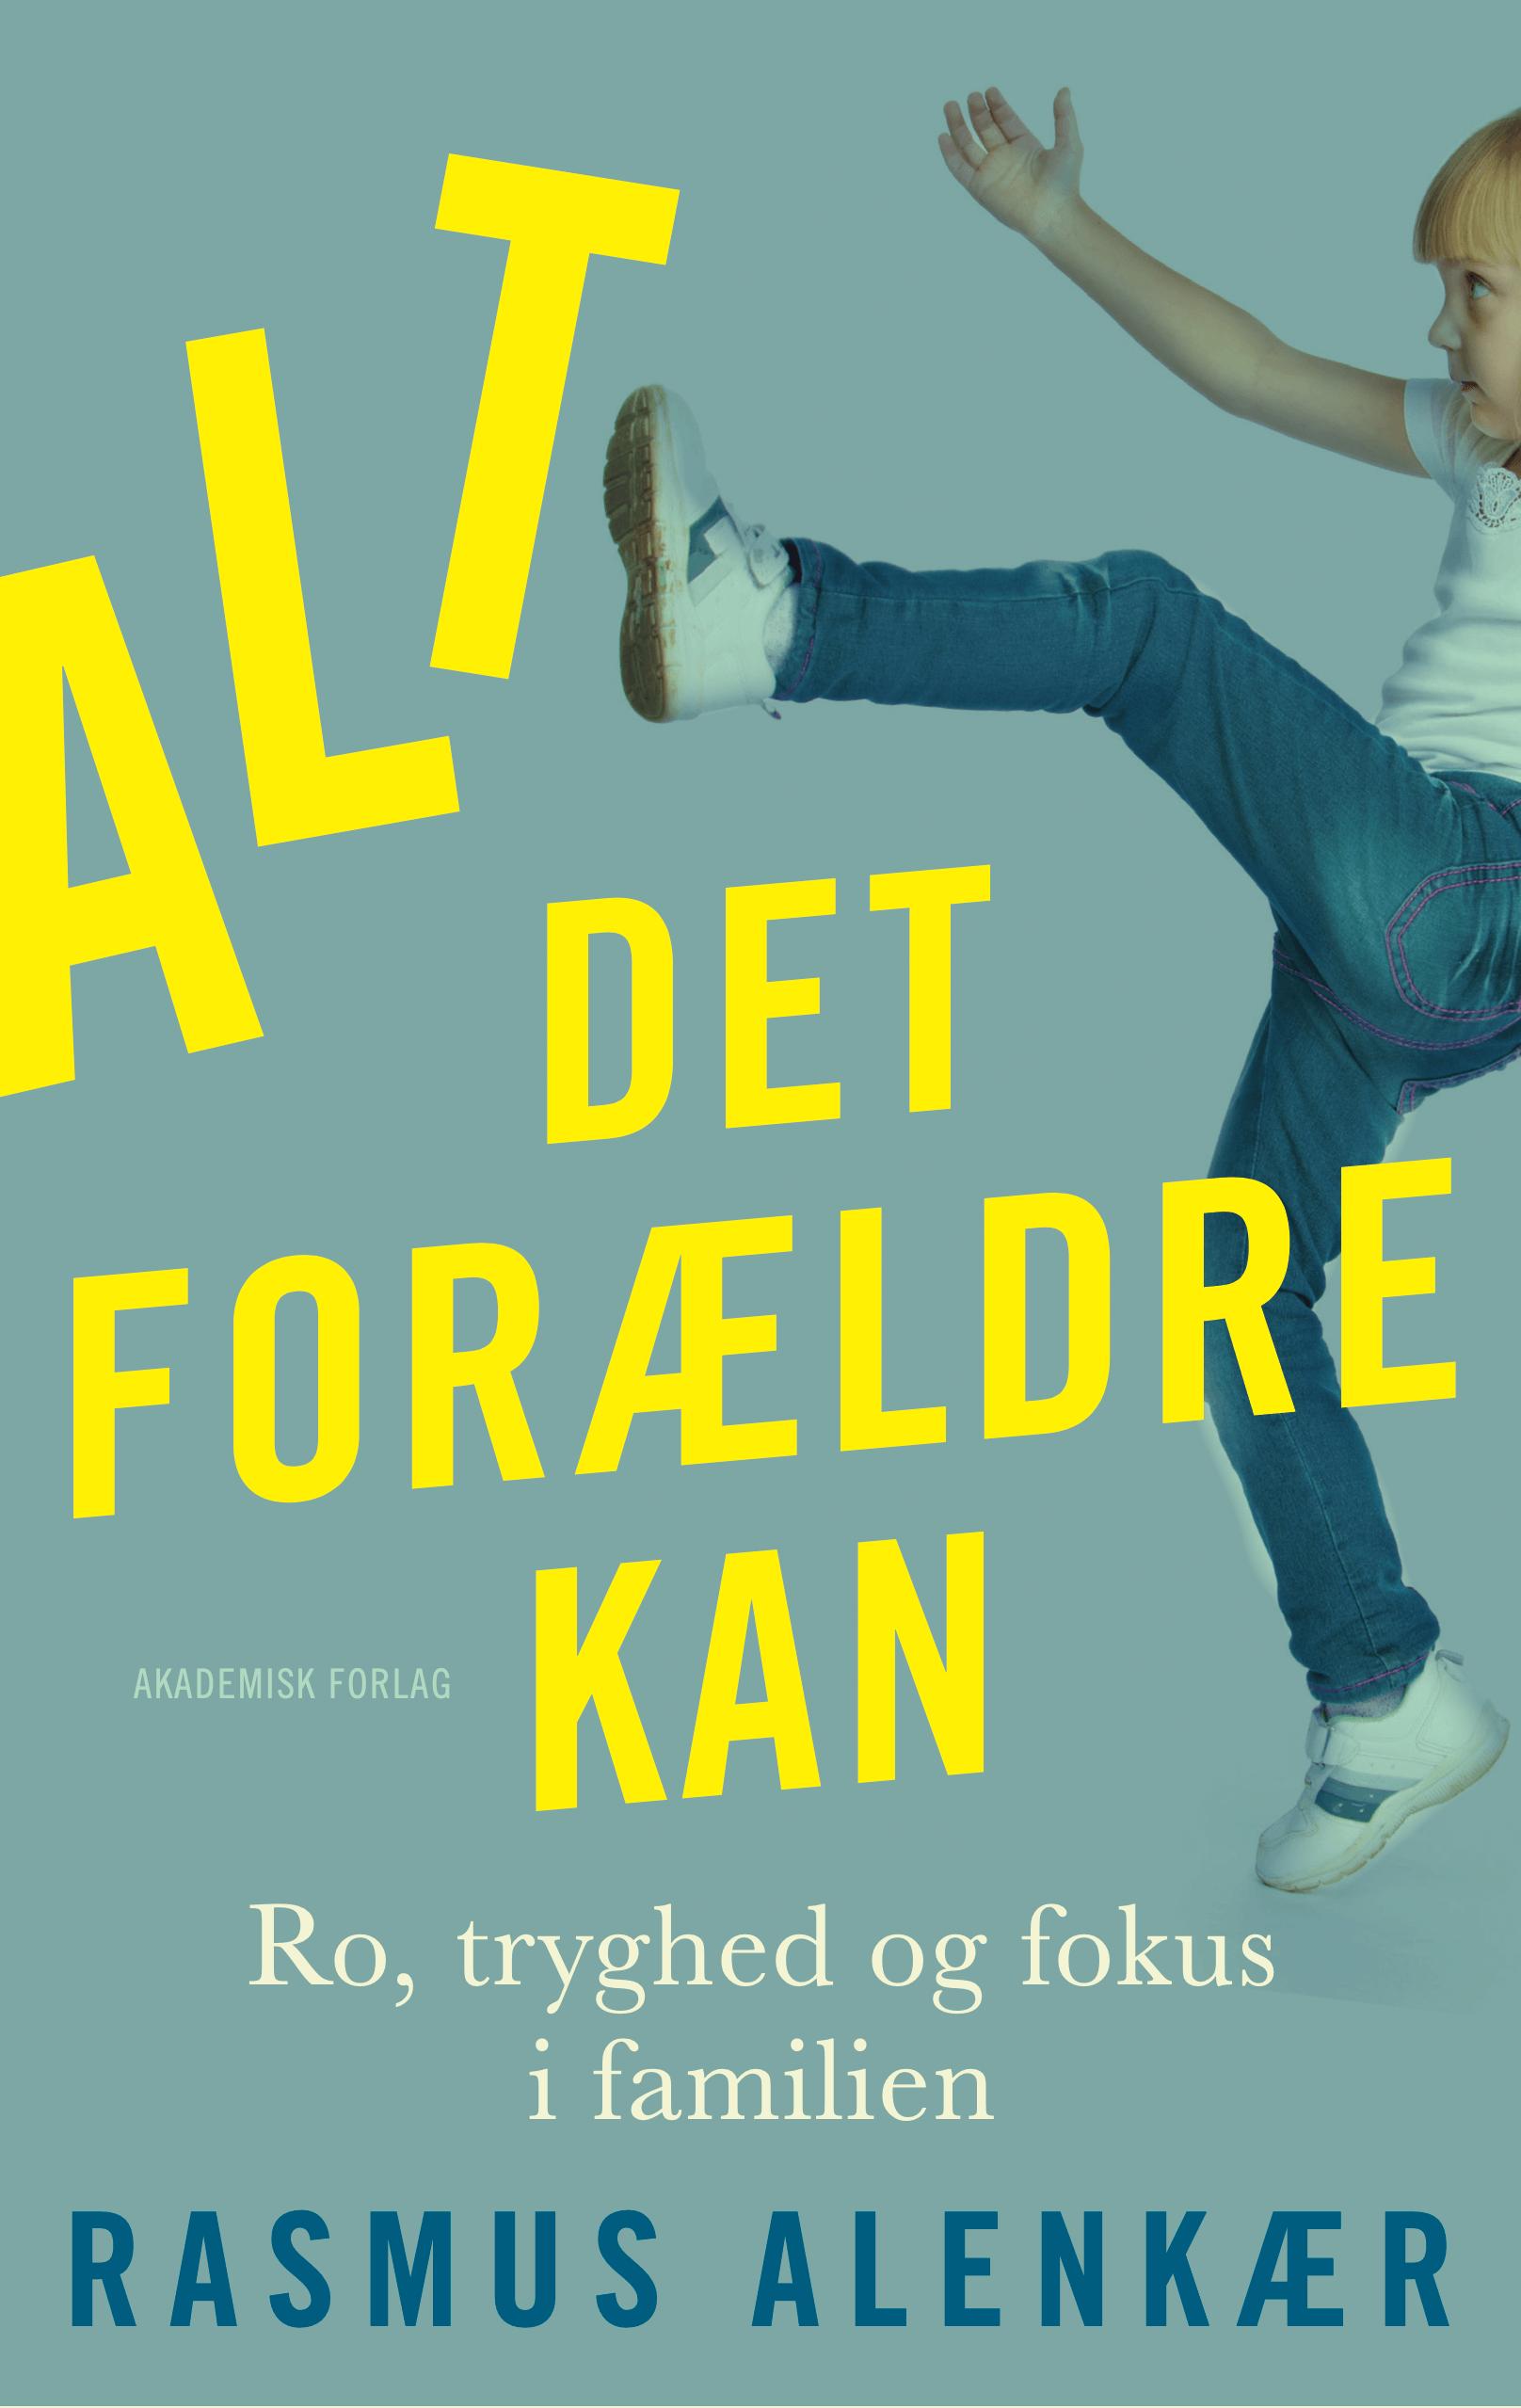 Forside af Alenkær bog